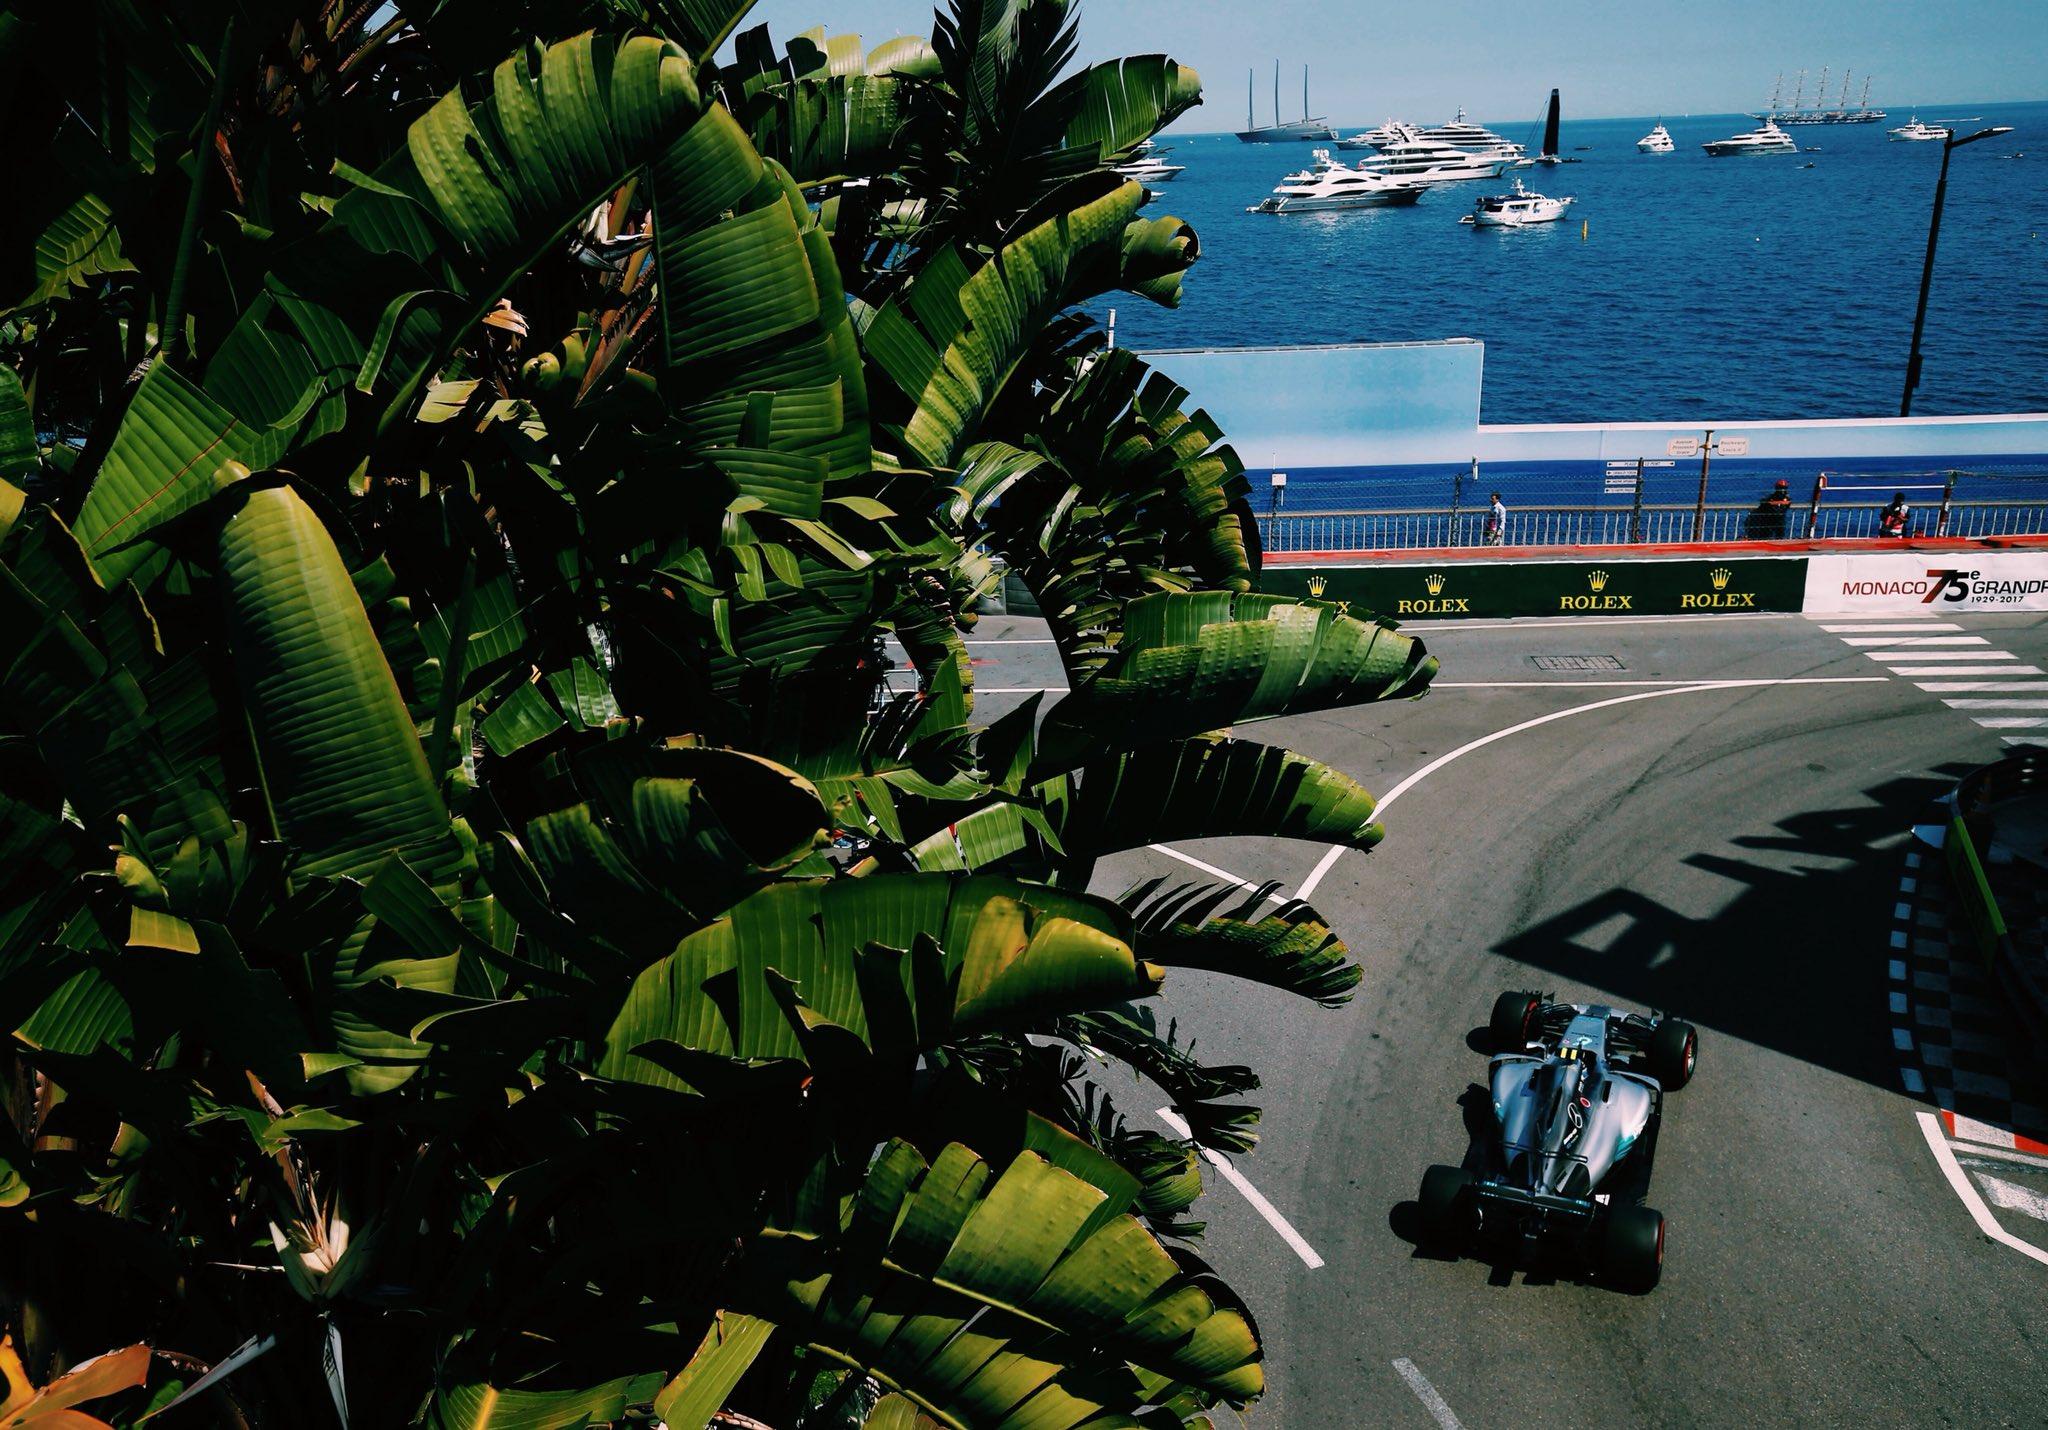 Monaco baby, yeah! ����  �� It's RACE WEEK! ��  #MonacoGP #F1 https://t.co/zUJGVdd6CK